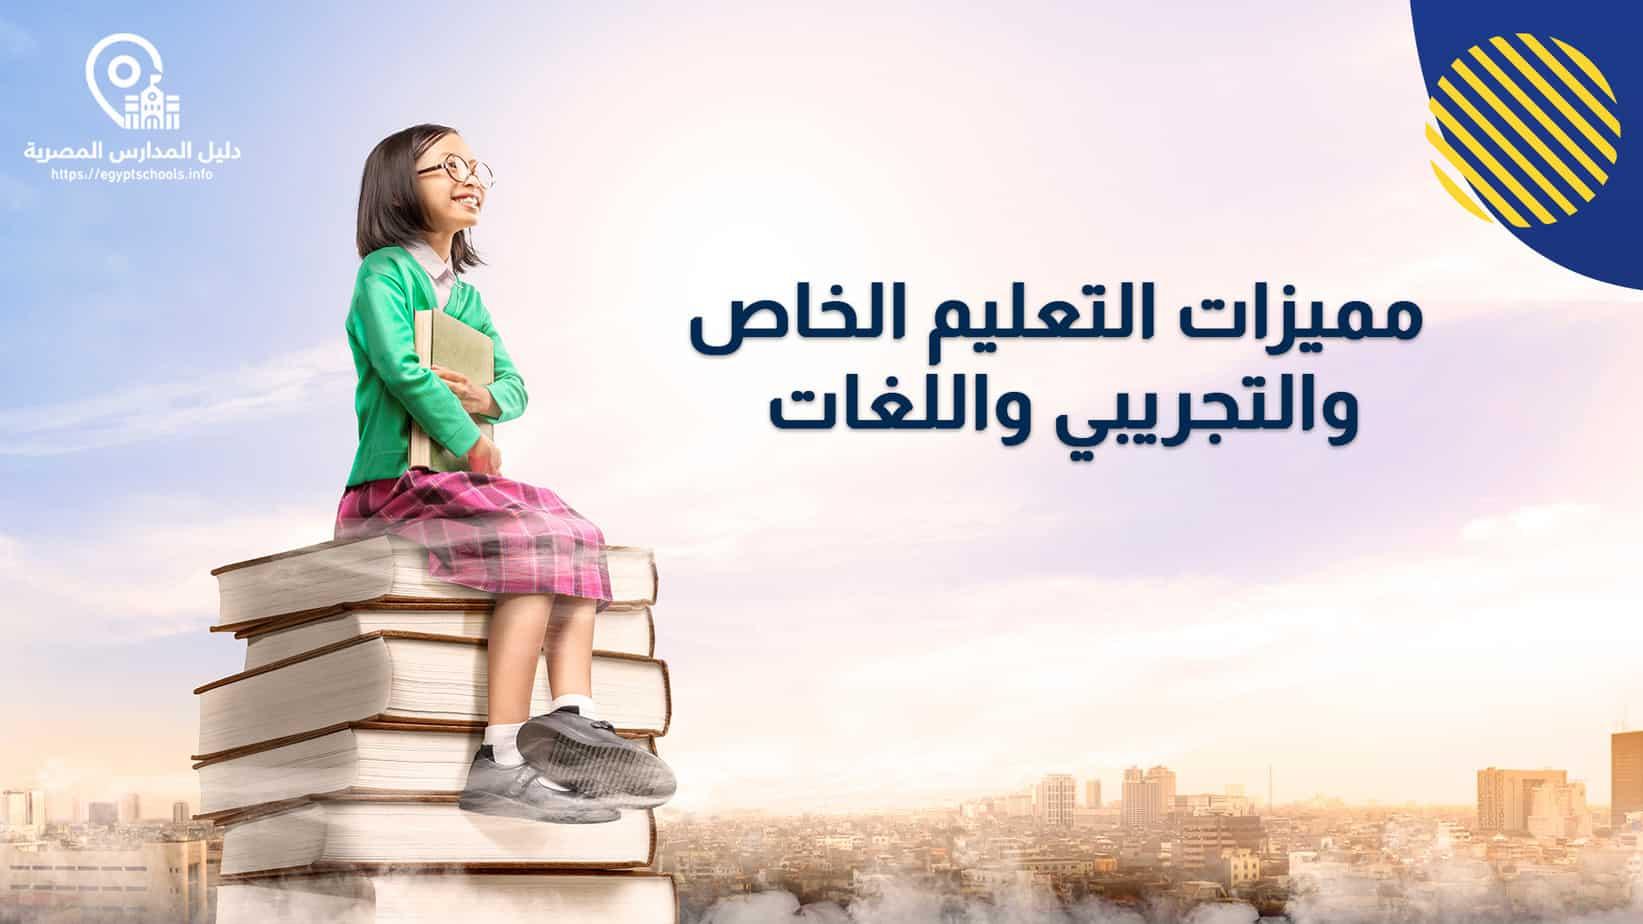 مميزات التعليم الخاص والتجريبي واللغات